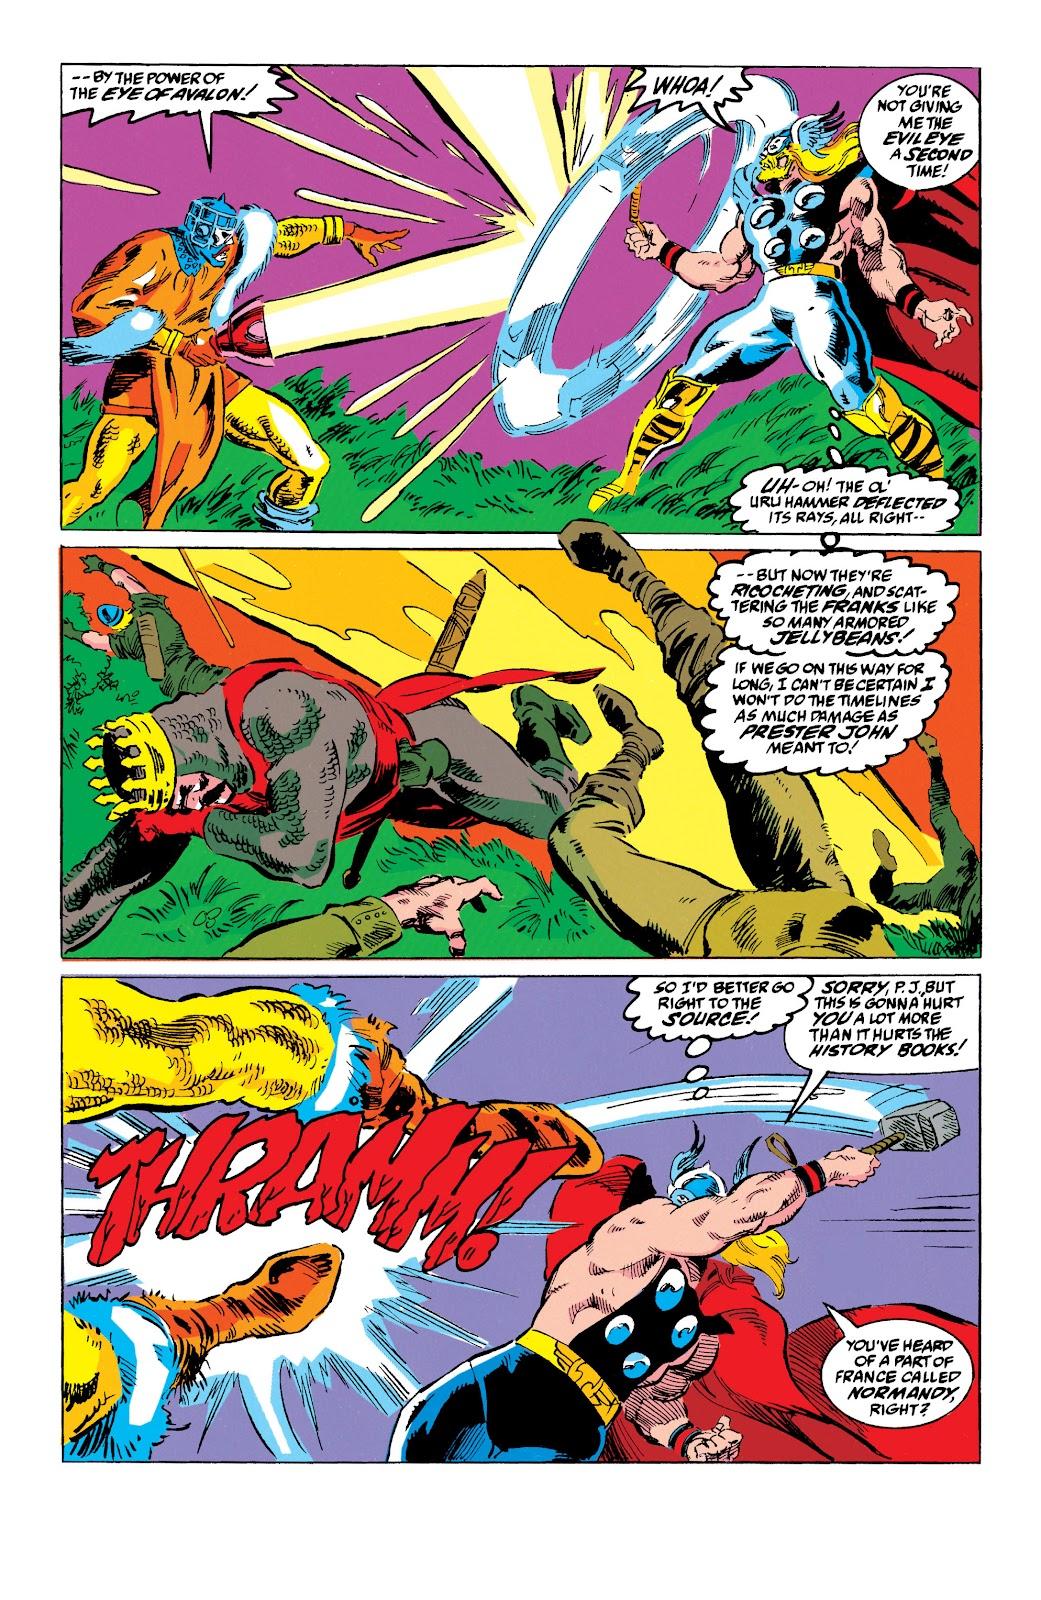 Read online Avengers: Citizen Kang comic -  Issue # TPB (Part 1) - 76